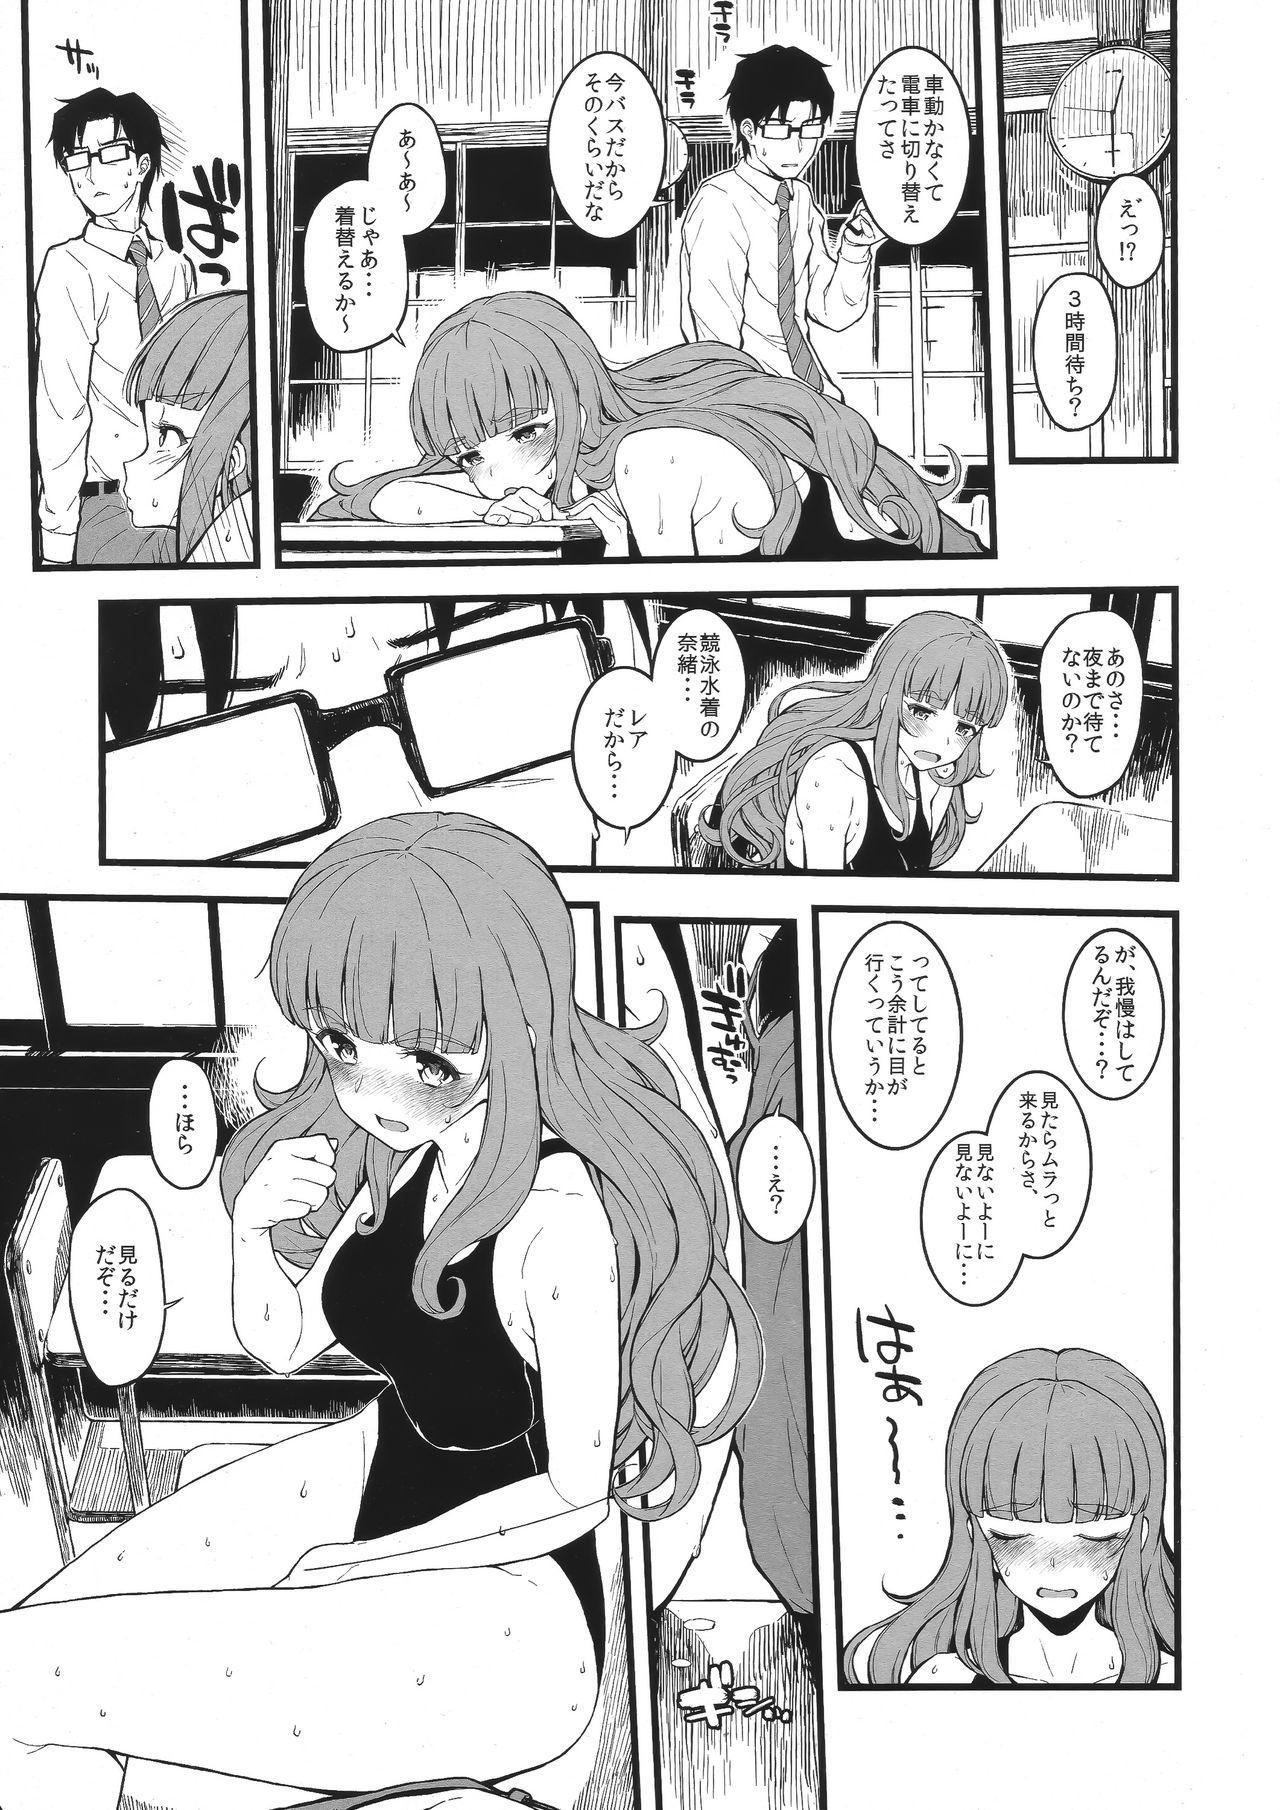 Nao-chan to Asedaku de Shichau Hon 3